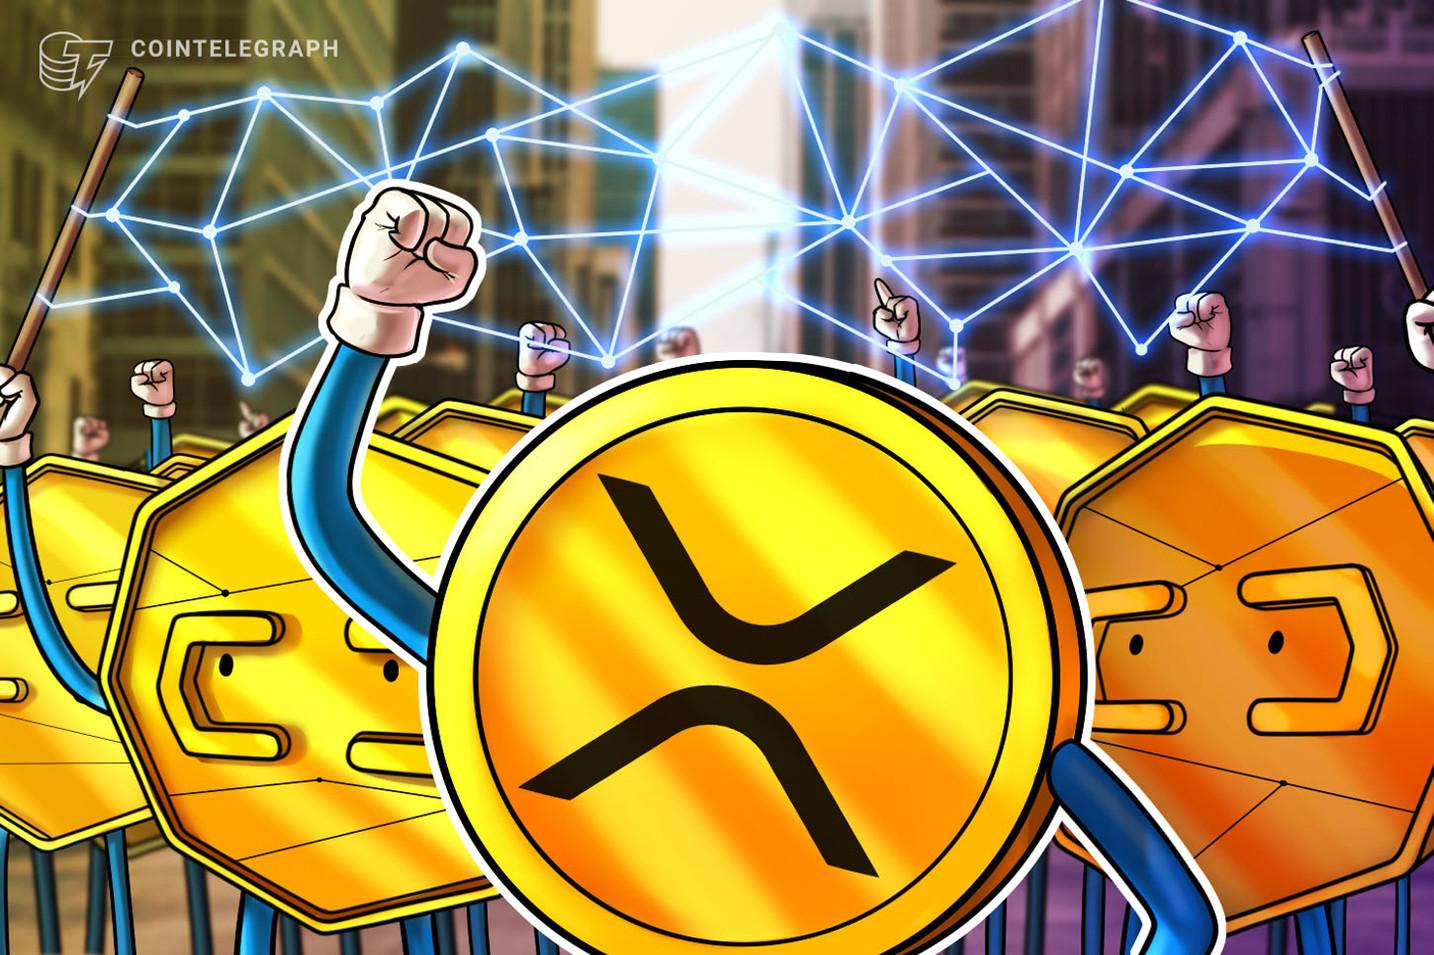 XRPが独歩高、昨年11月以来の水準に | アナリスト「ビットコインはまだ健全」【仮想通貨相場】